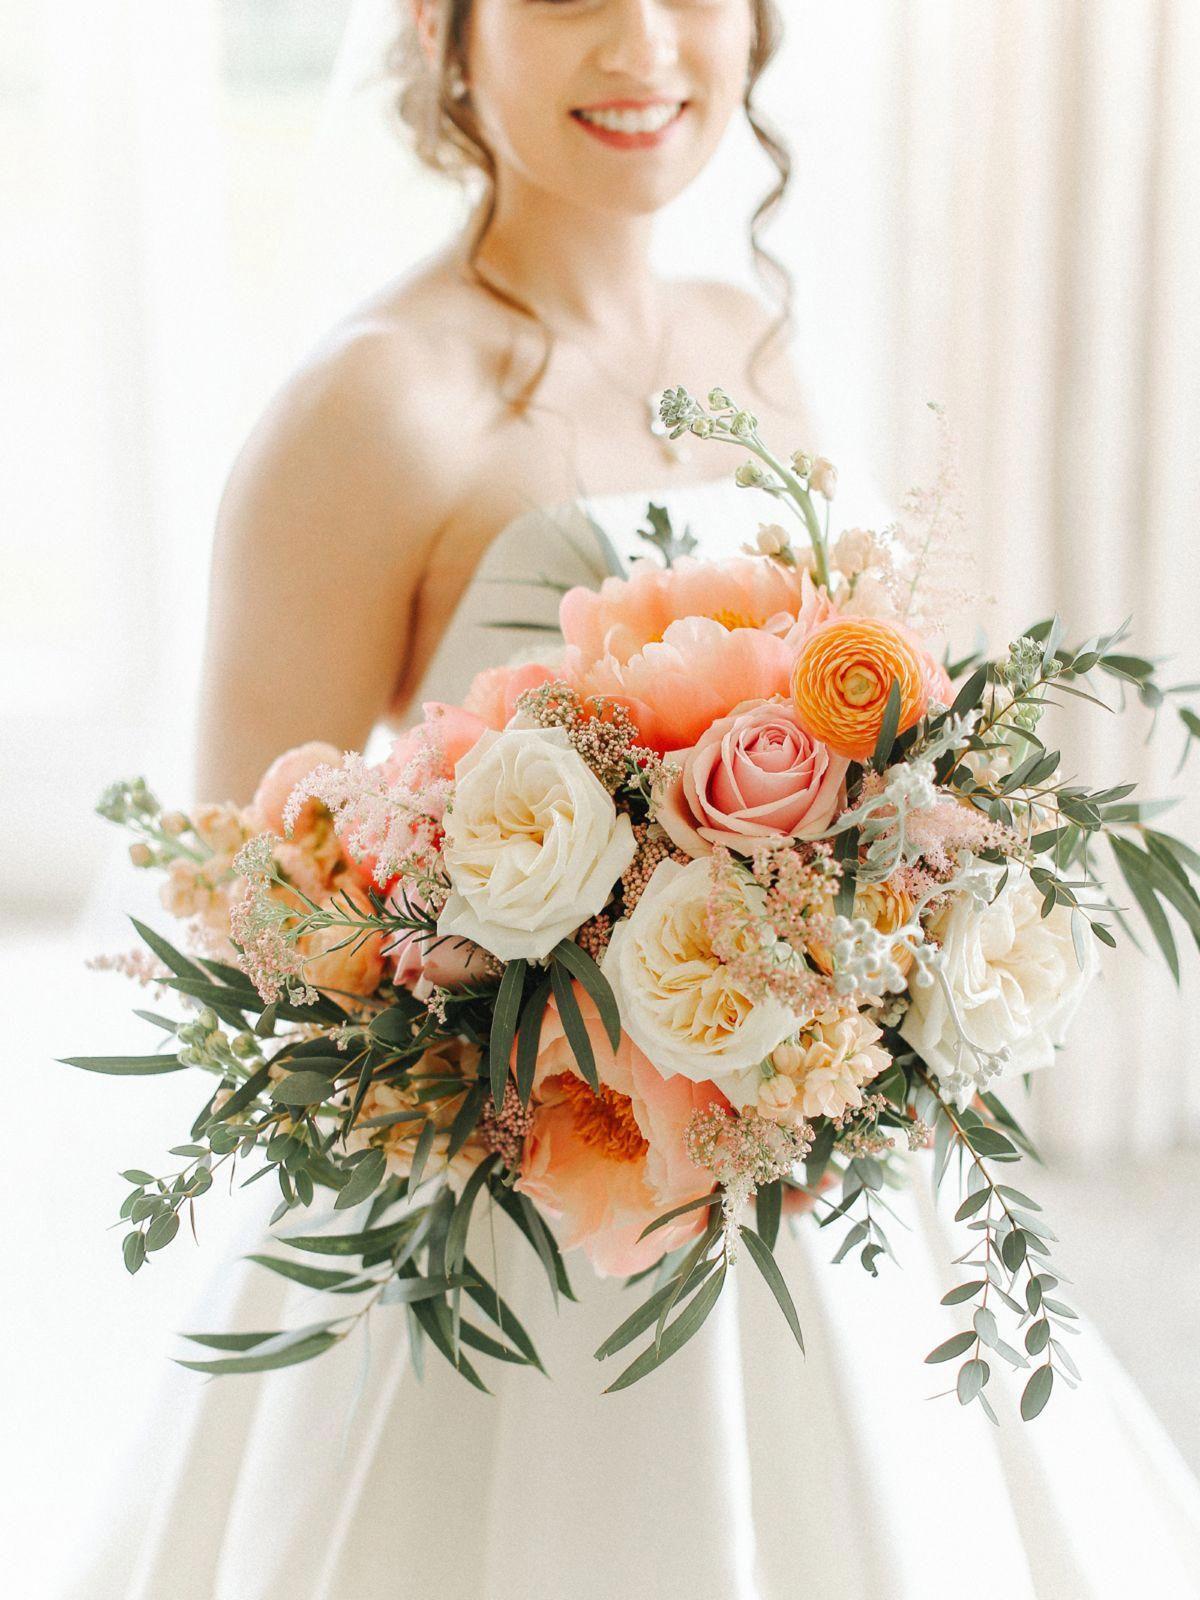 Wedding Photographers Near Me LuxuryWeddingReception